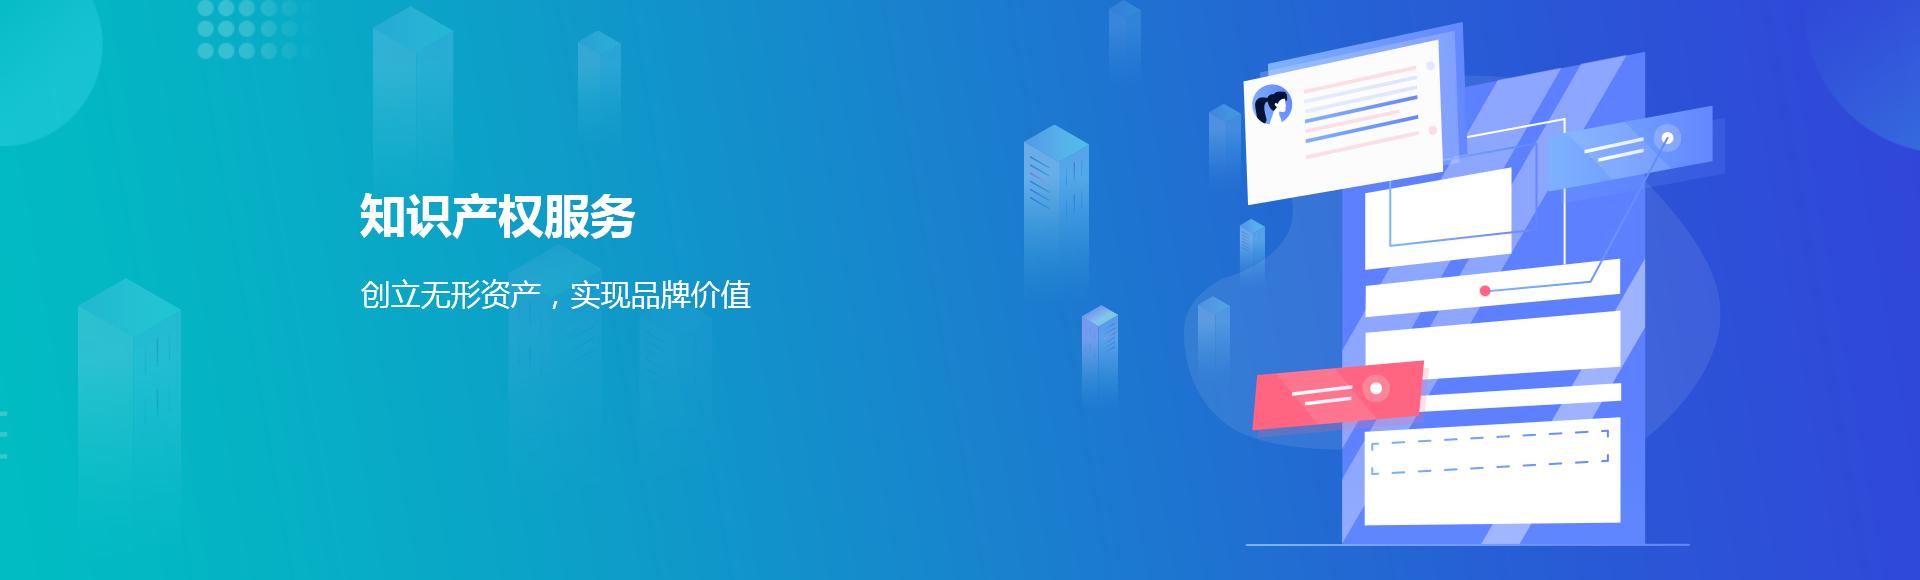 知识产权_广东圆心企业服务平台